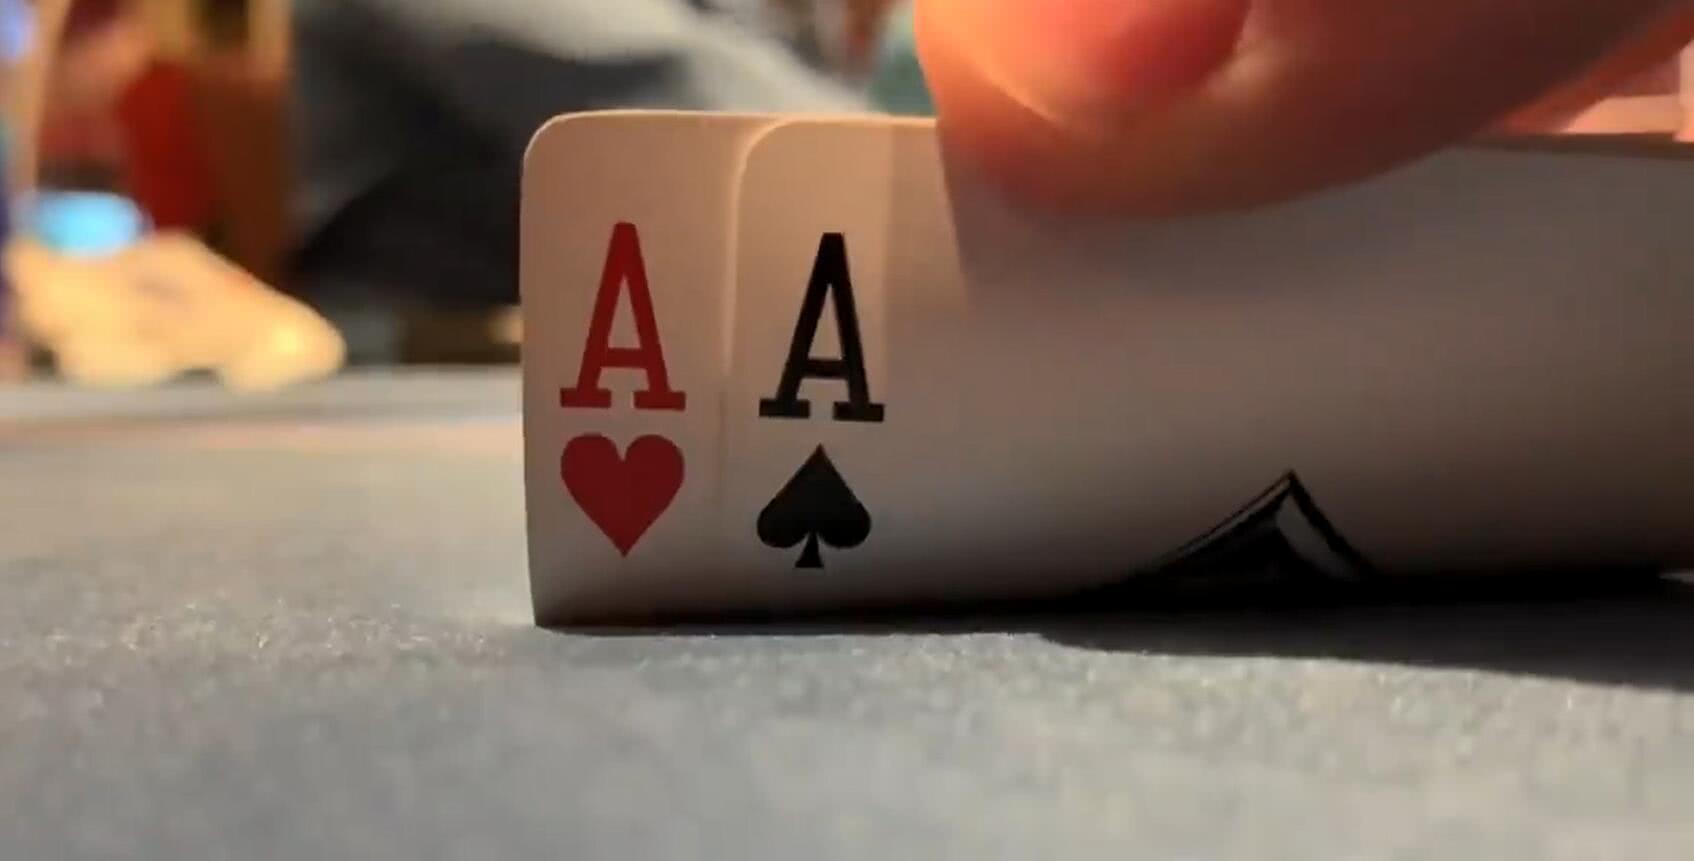 【辣眼视频】AA翻牌中A不敢大力卷钱,打到最后看到对手的牌真是太庆幸了